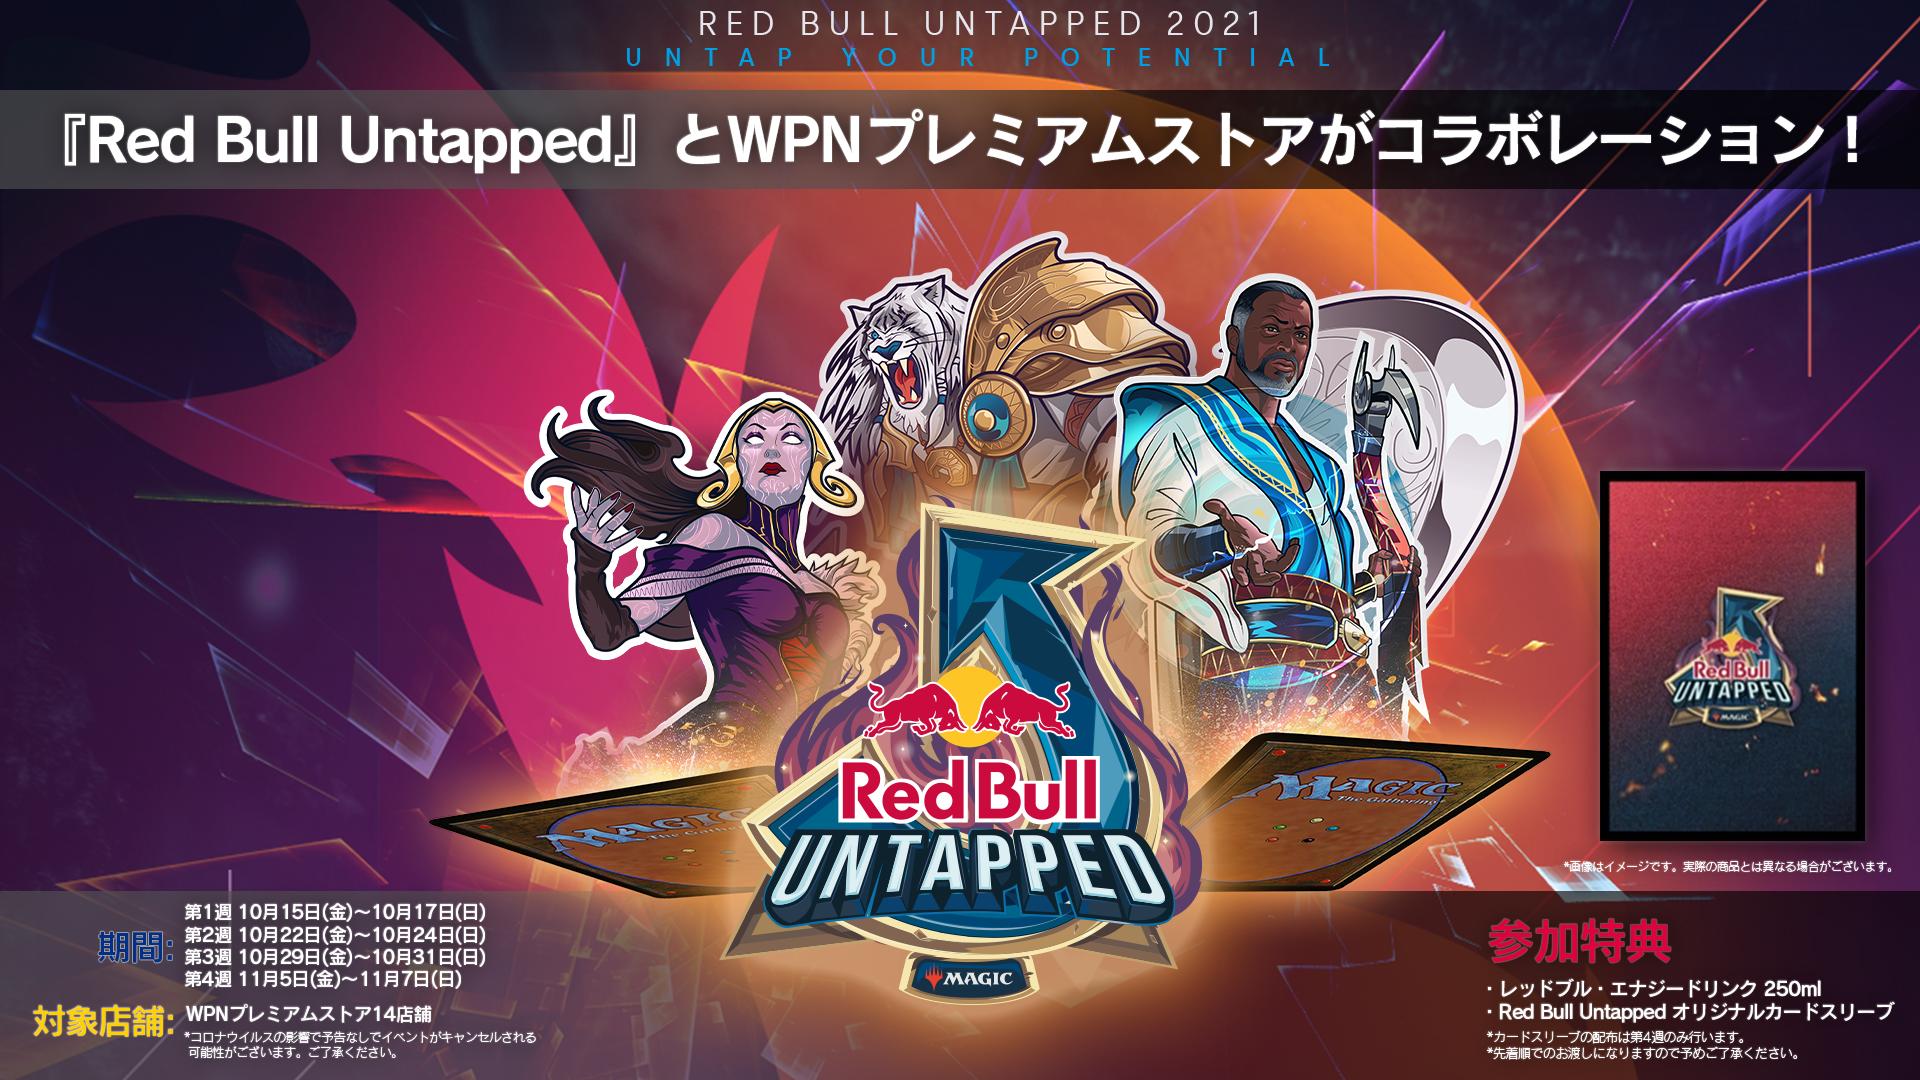 untapped2021_wpn2.jpg